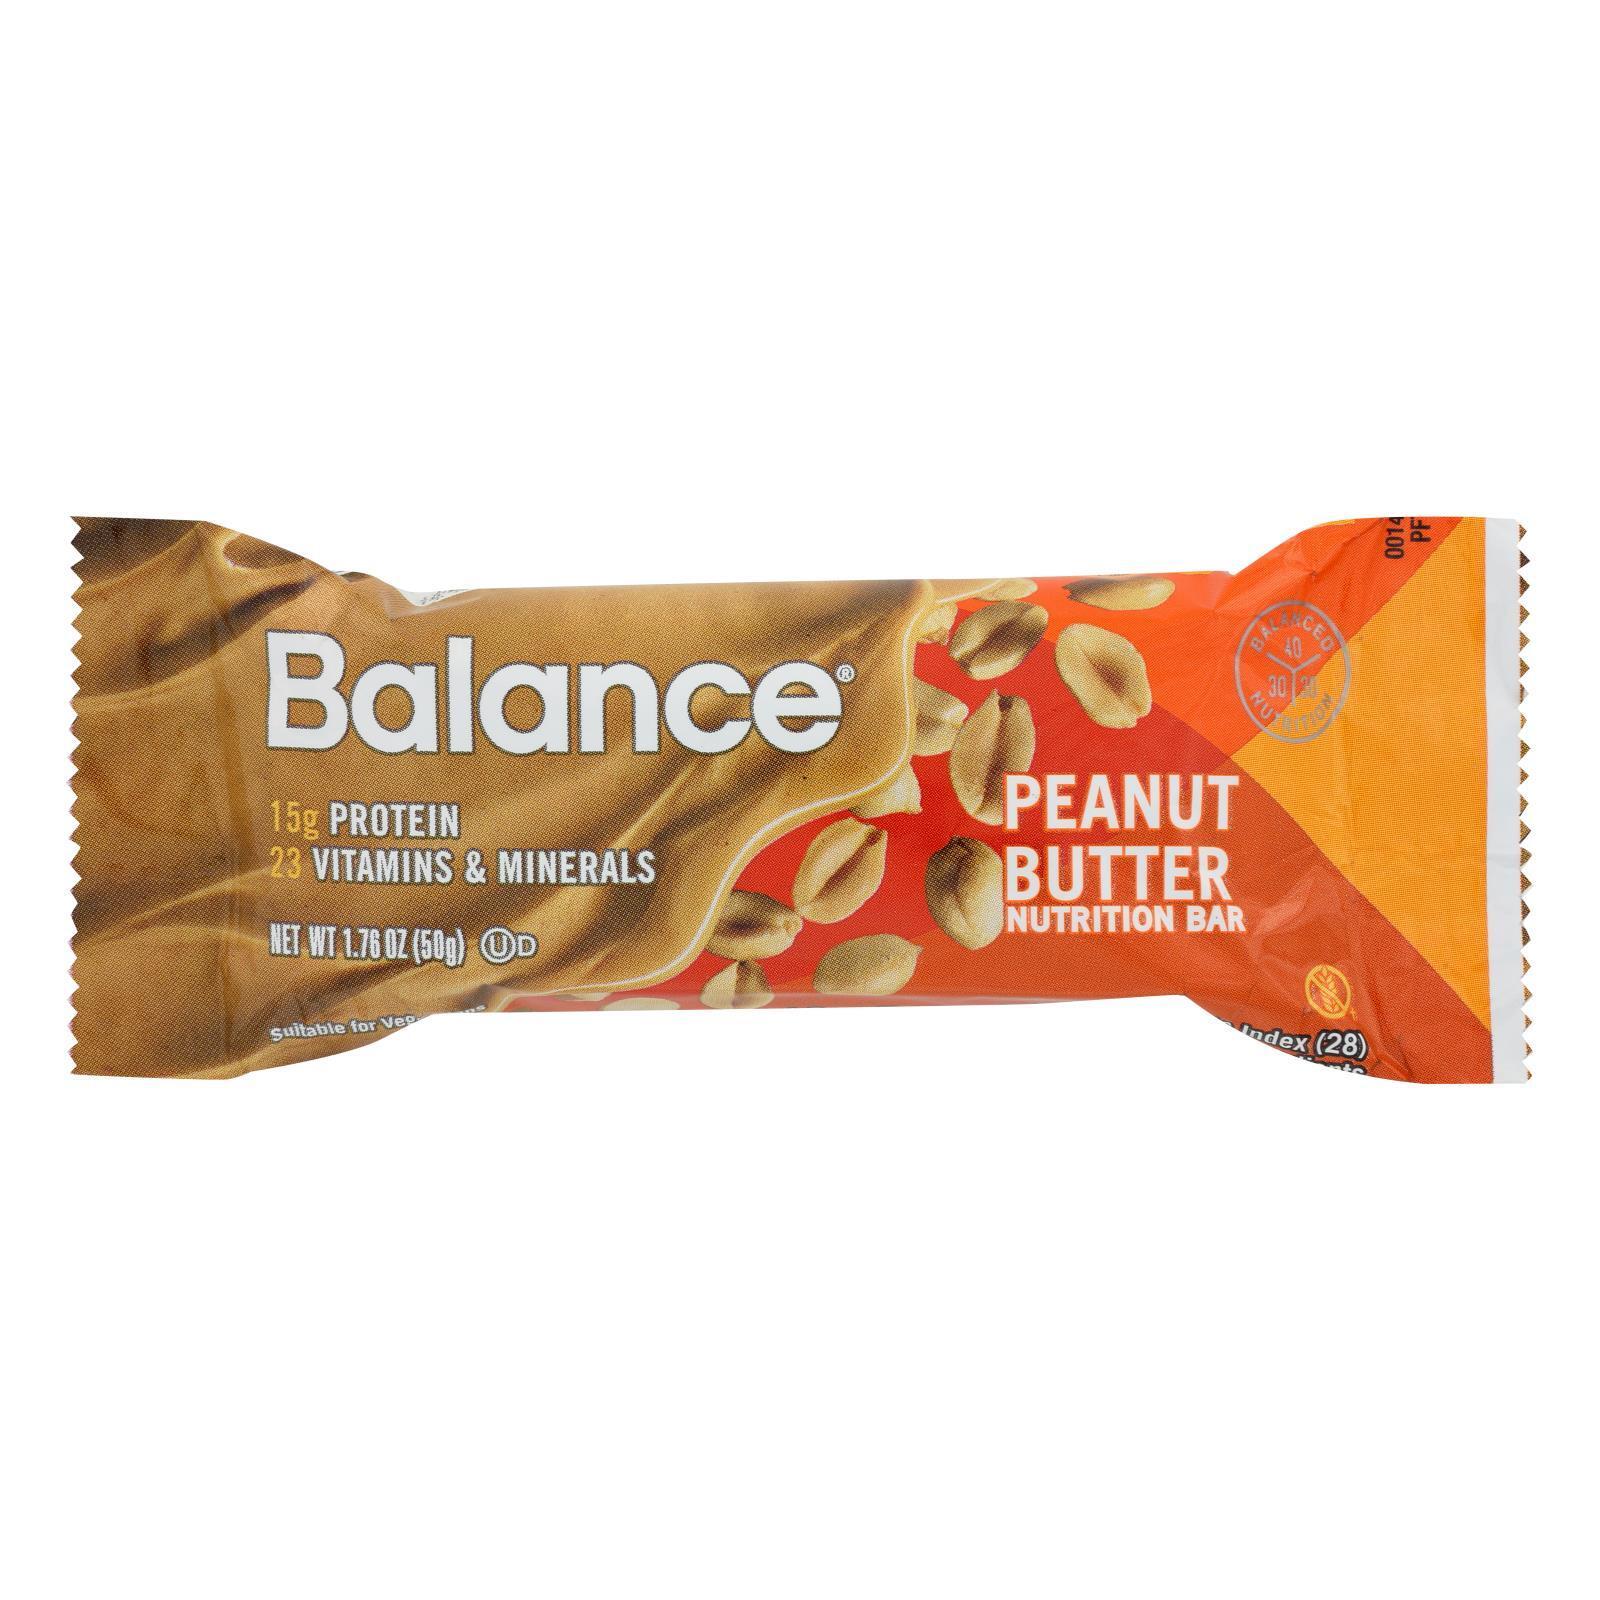 Balance Bar - Peanut Butter - 1.76 oz - Case of 6